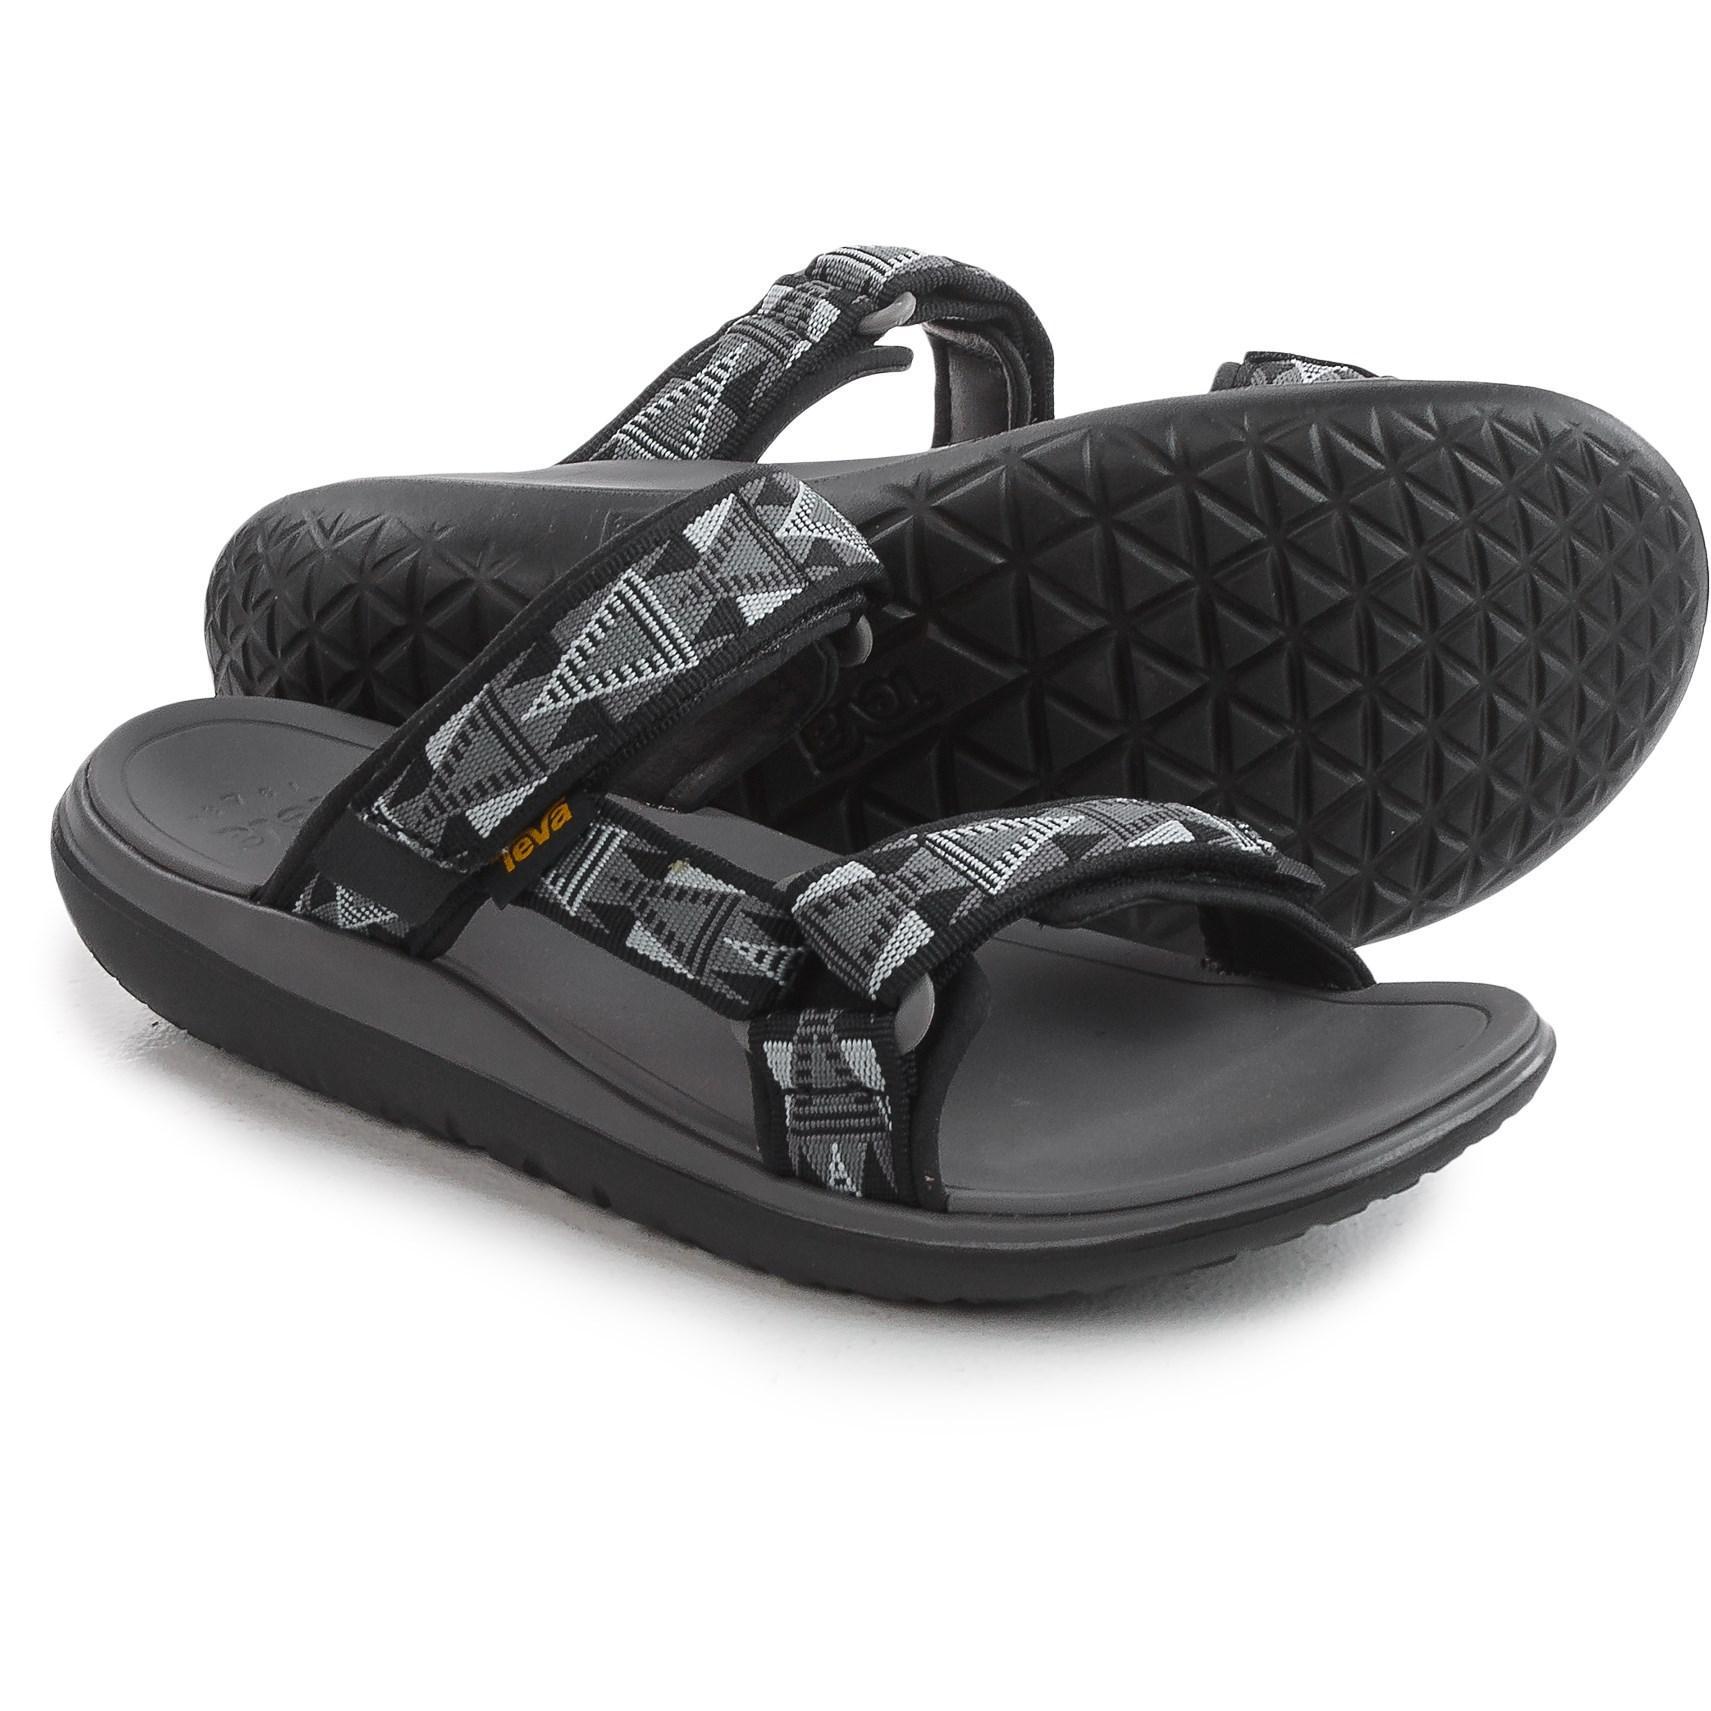 a1ff8ccaa50b Lyst - Teva Terra-float Slide Sandals (for Men) in Black for Men